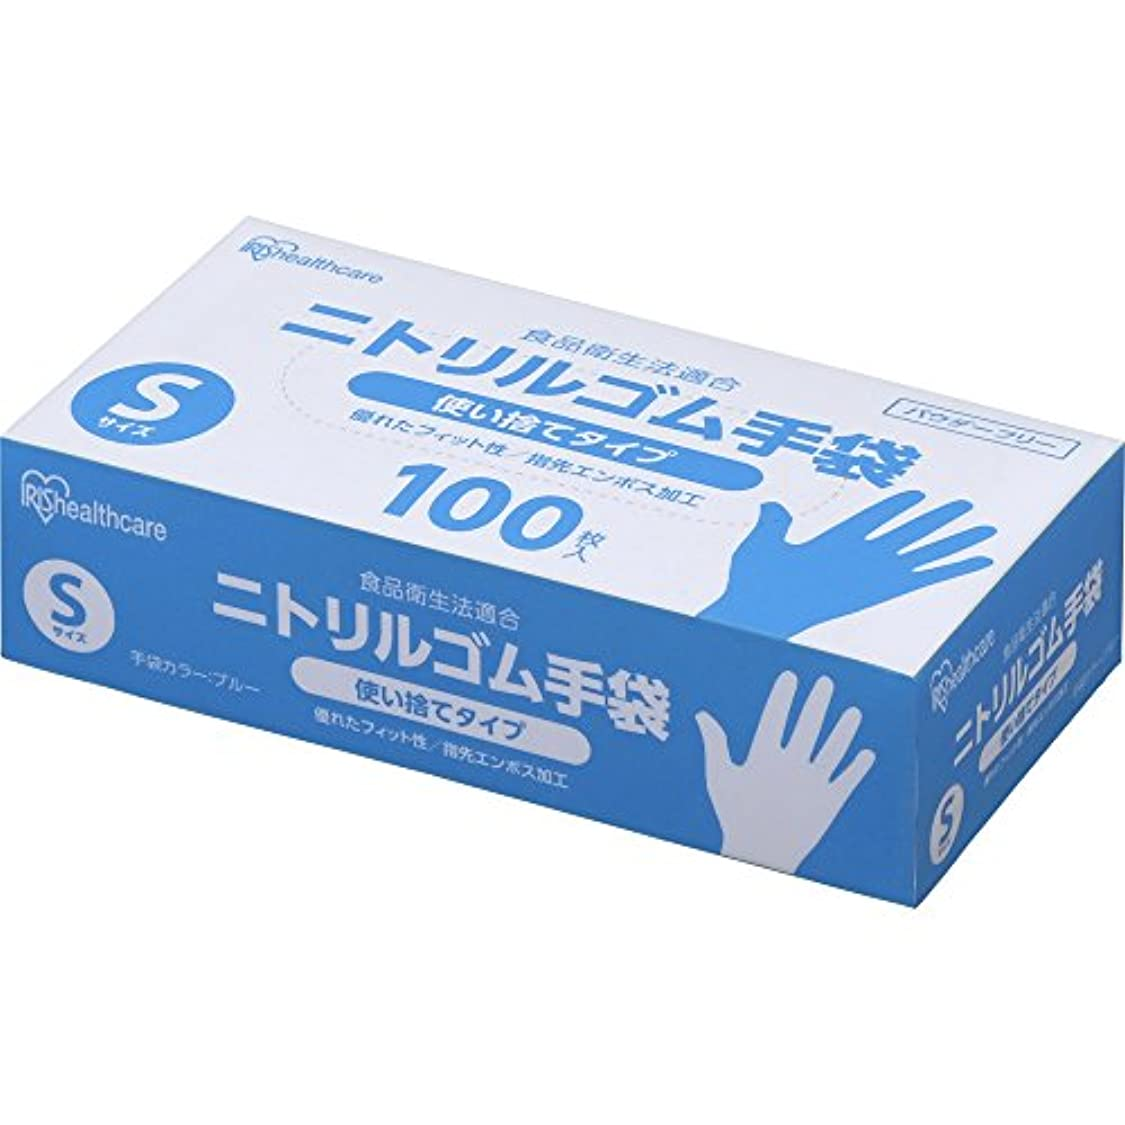 救い紳士虚弱アイリスオーヤマ 使い捨て手袋 ブルー ニトリルゴム 100枚 Sサイズ 業務用